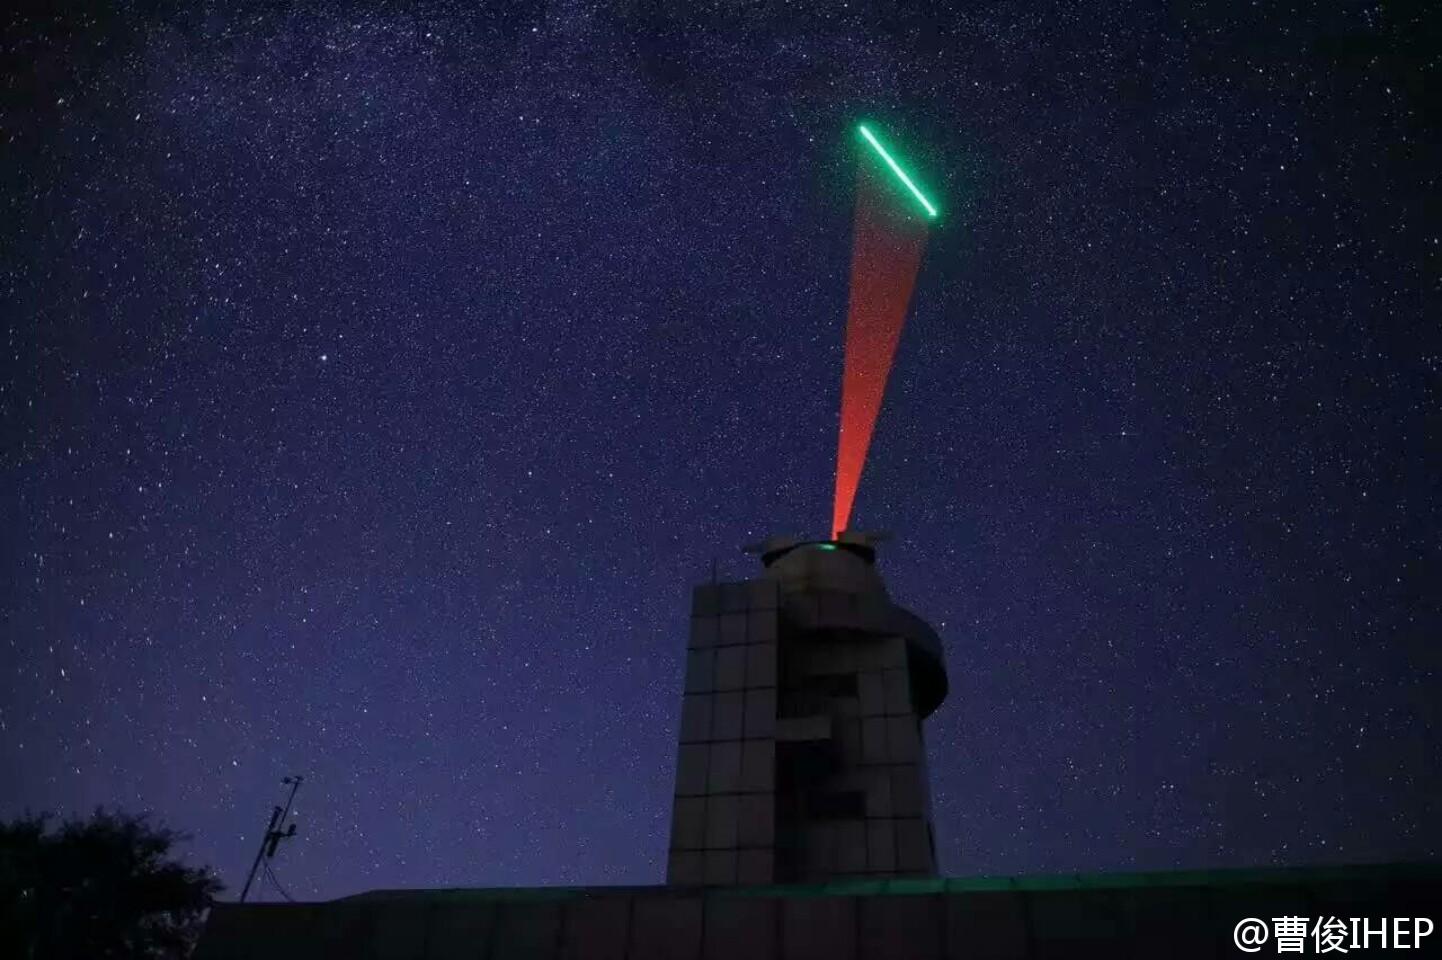 红光为地面发射,绿光为墨子号发射(感谢韩越阳提供照片)